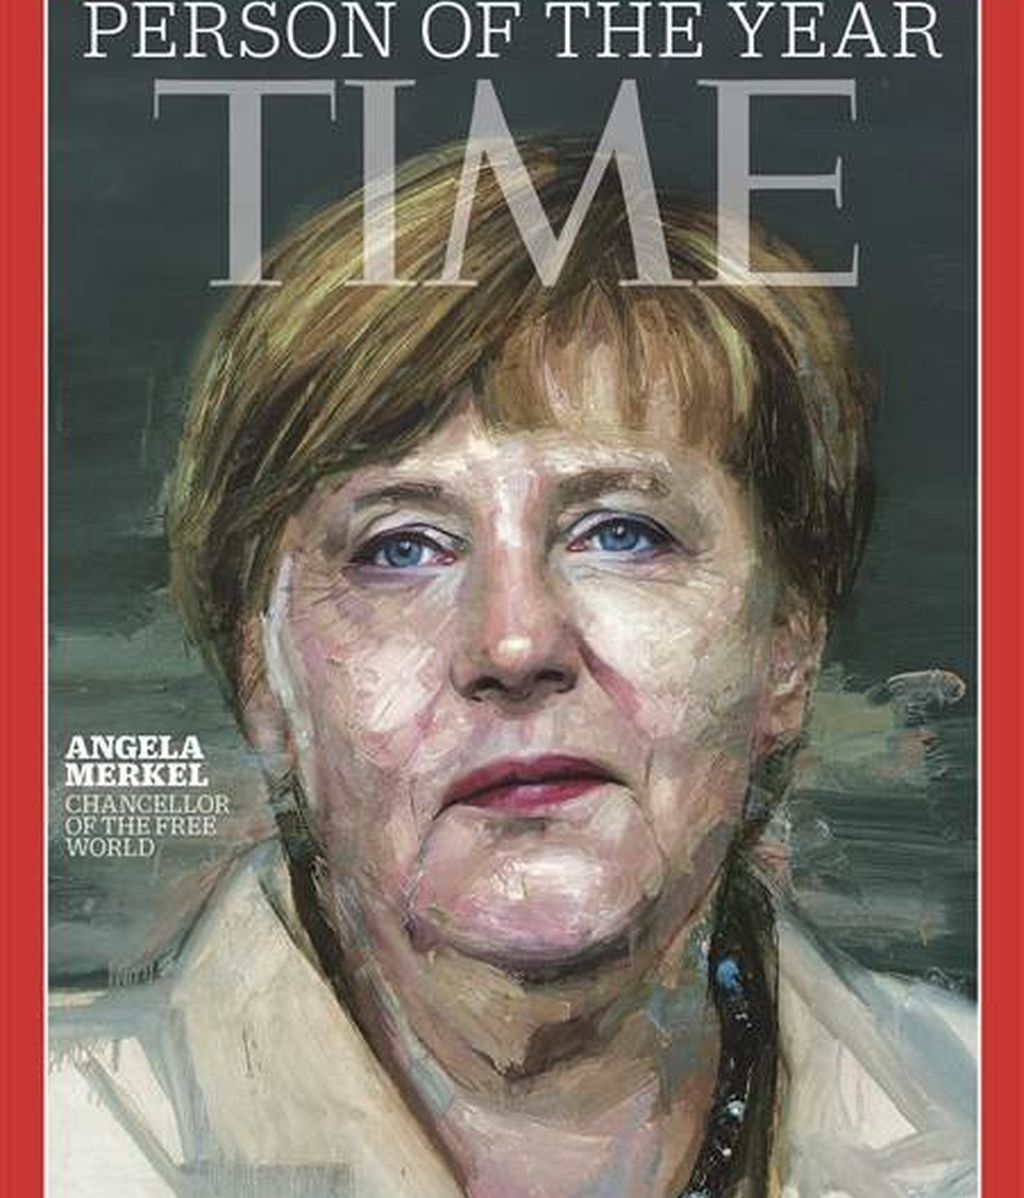 Angela Merkel, 'Persona del año' para la revista 'Time'